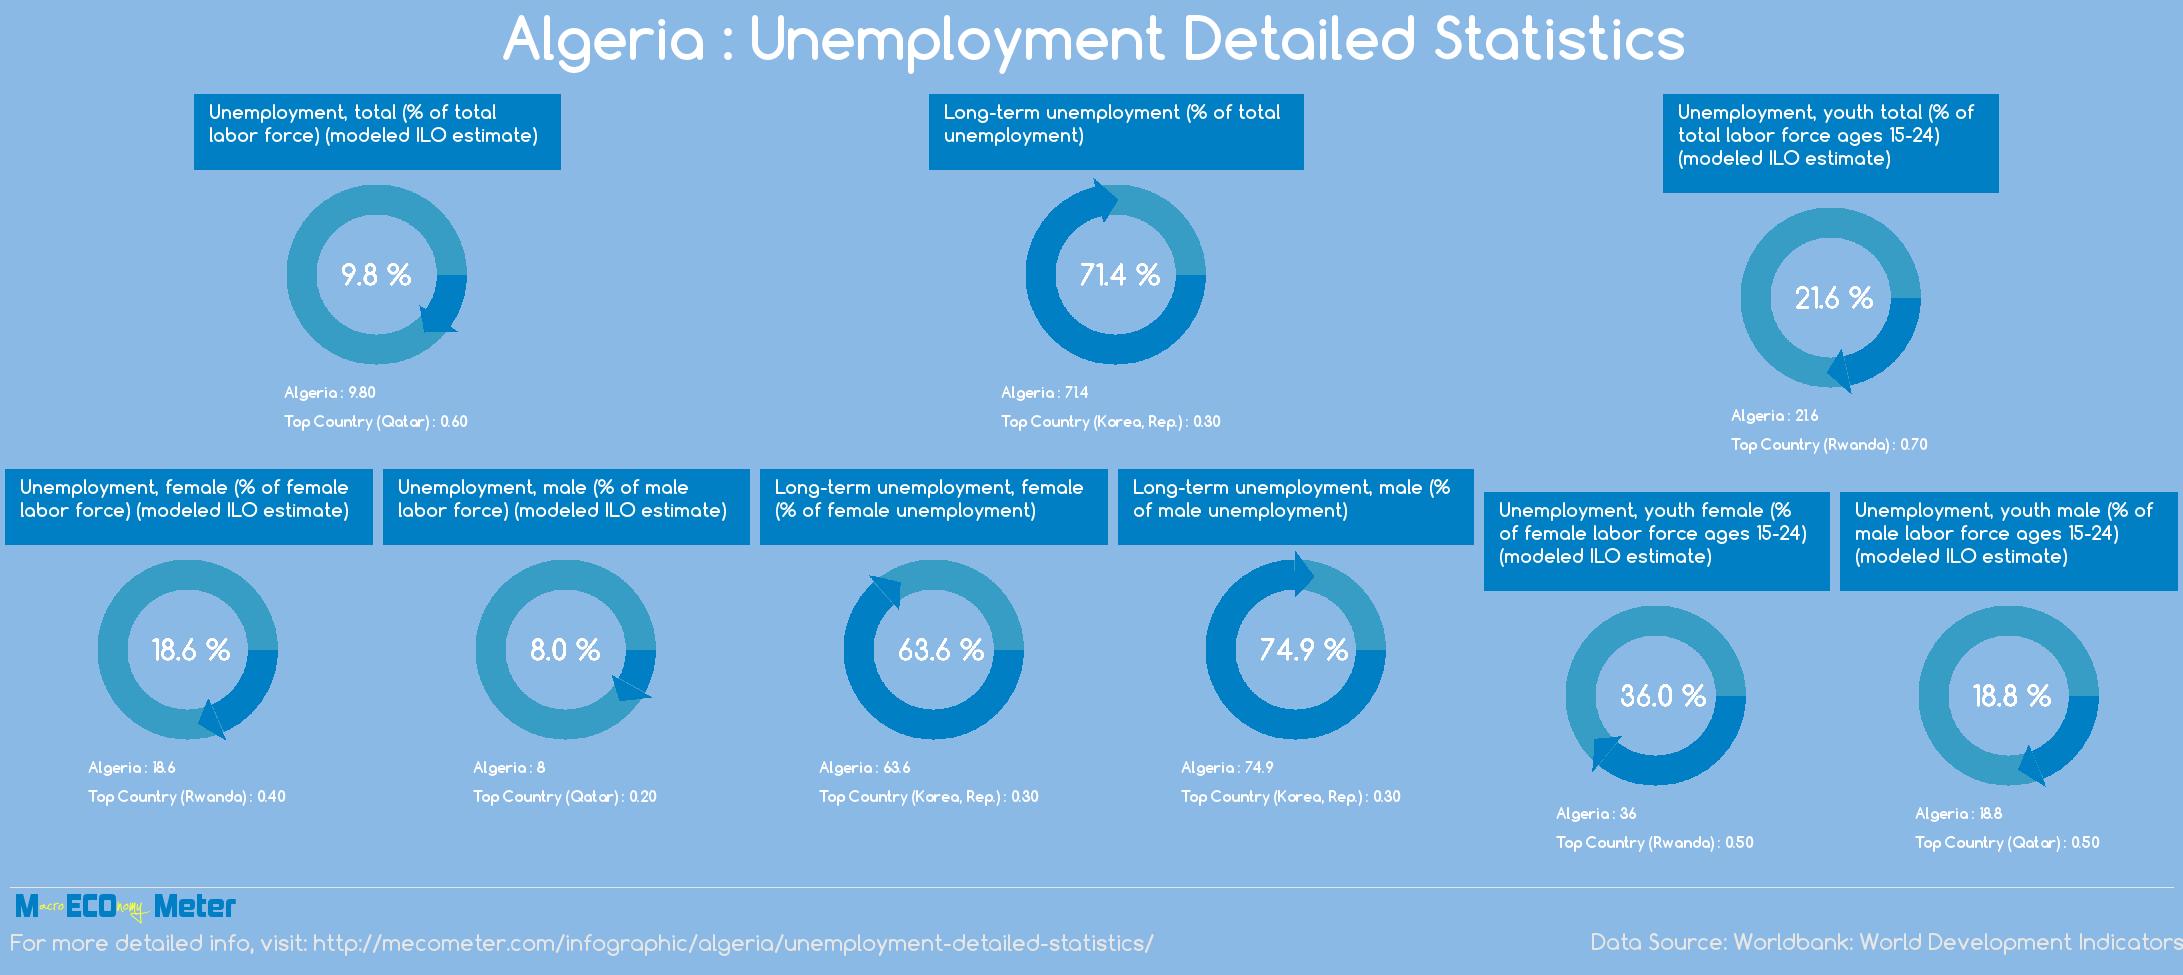 Algeria : Unemployment Detailed Statistics